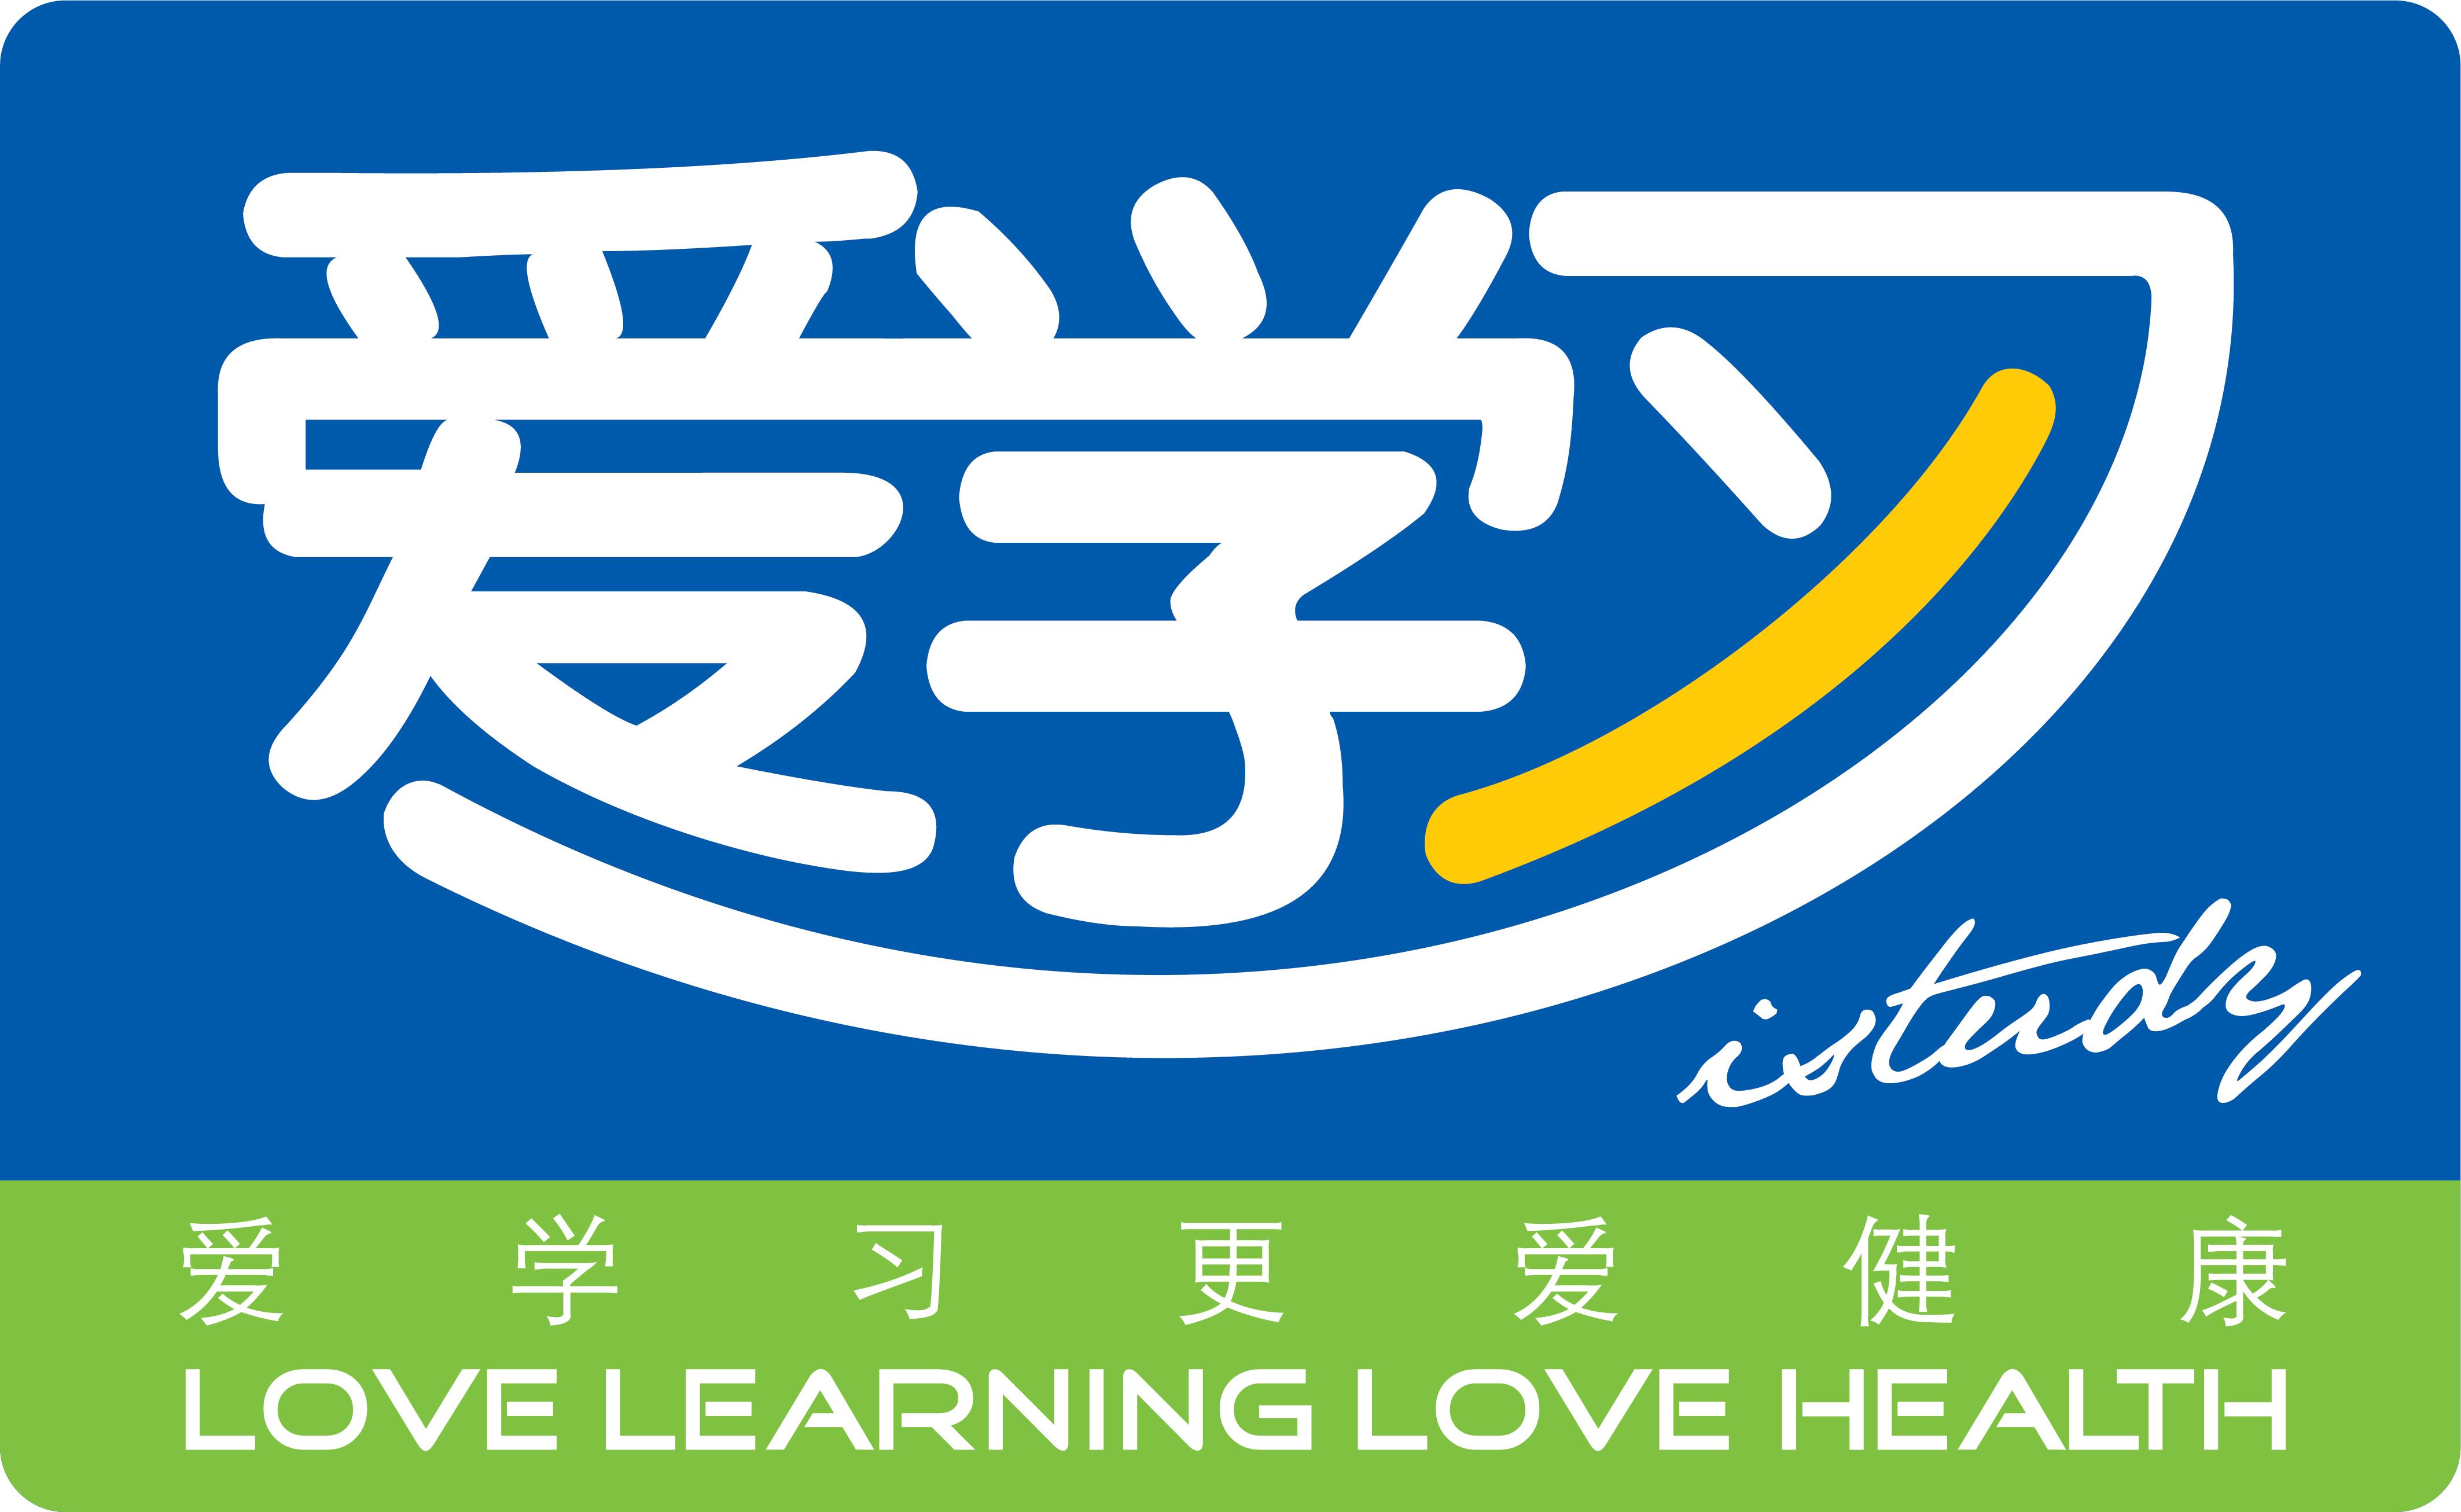 爱学习健康学习桌